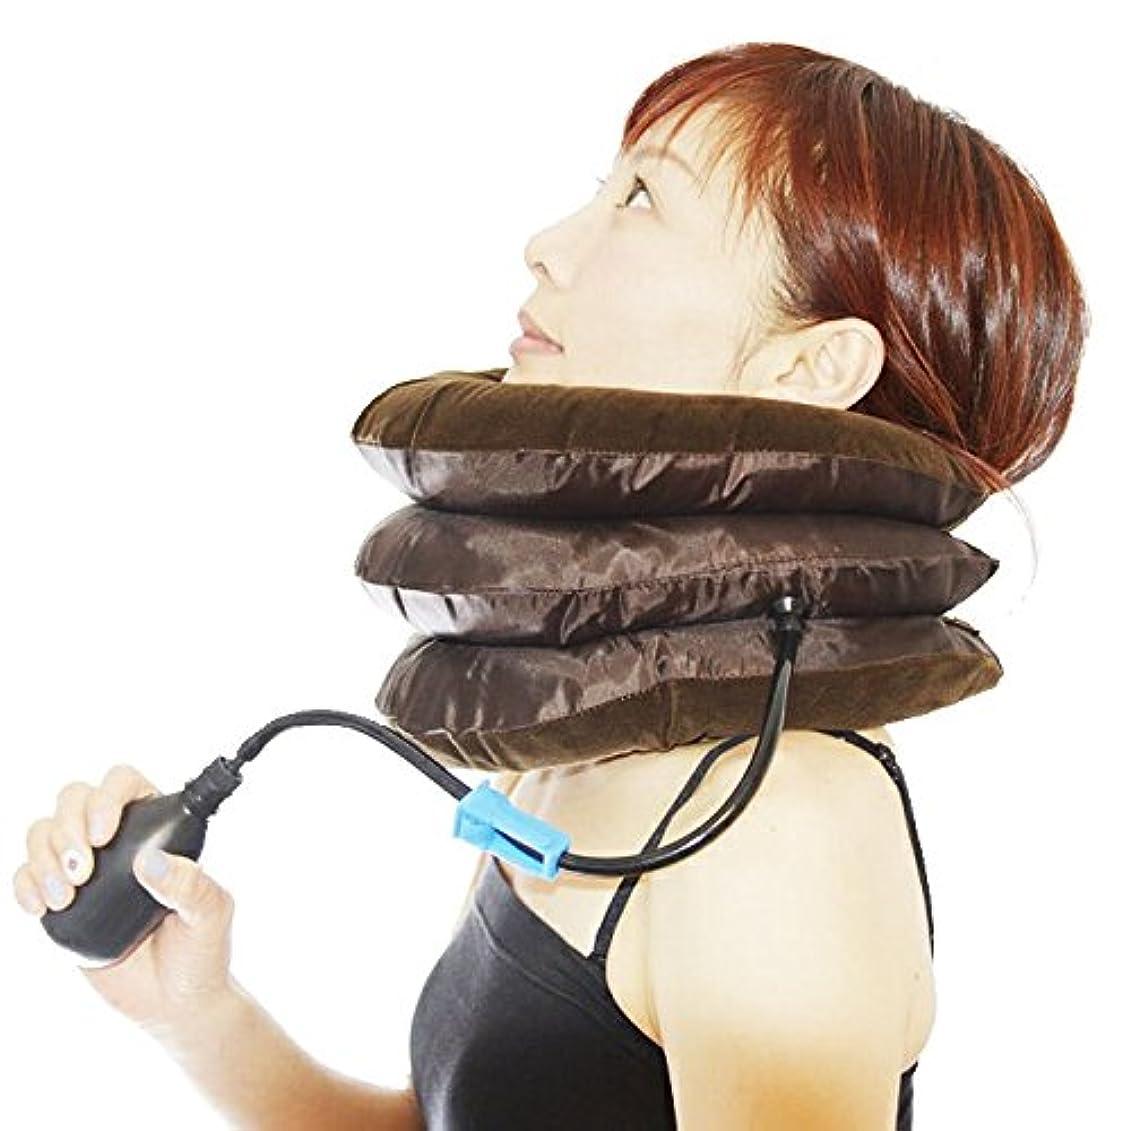 敵対的見つけたペデスタルネックサポーター ネックストレッチャー 首枕 首伸ばし